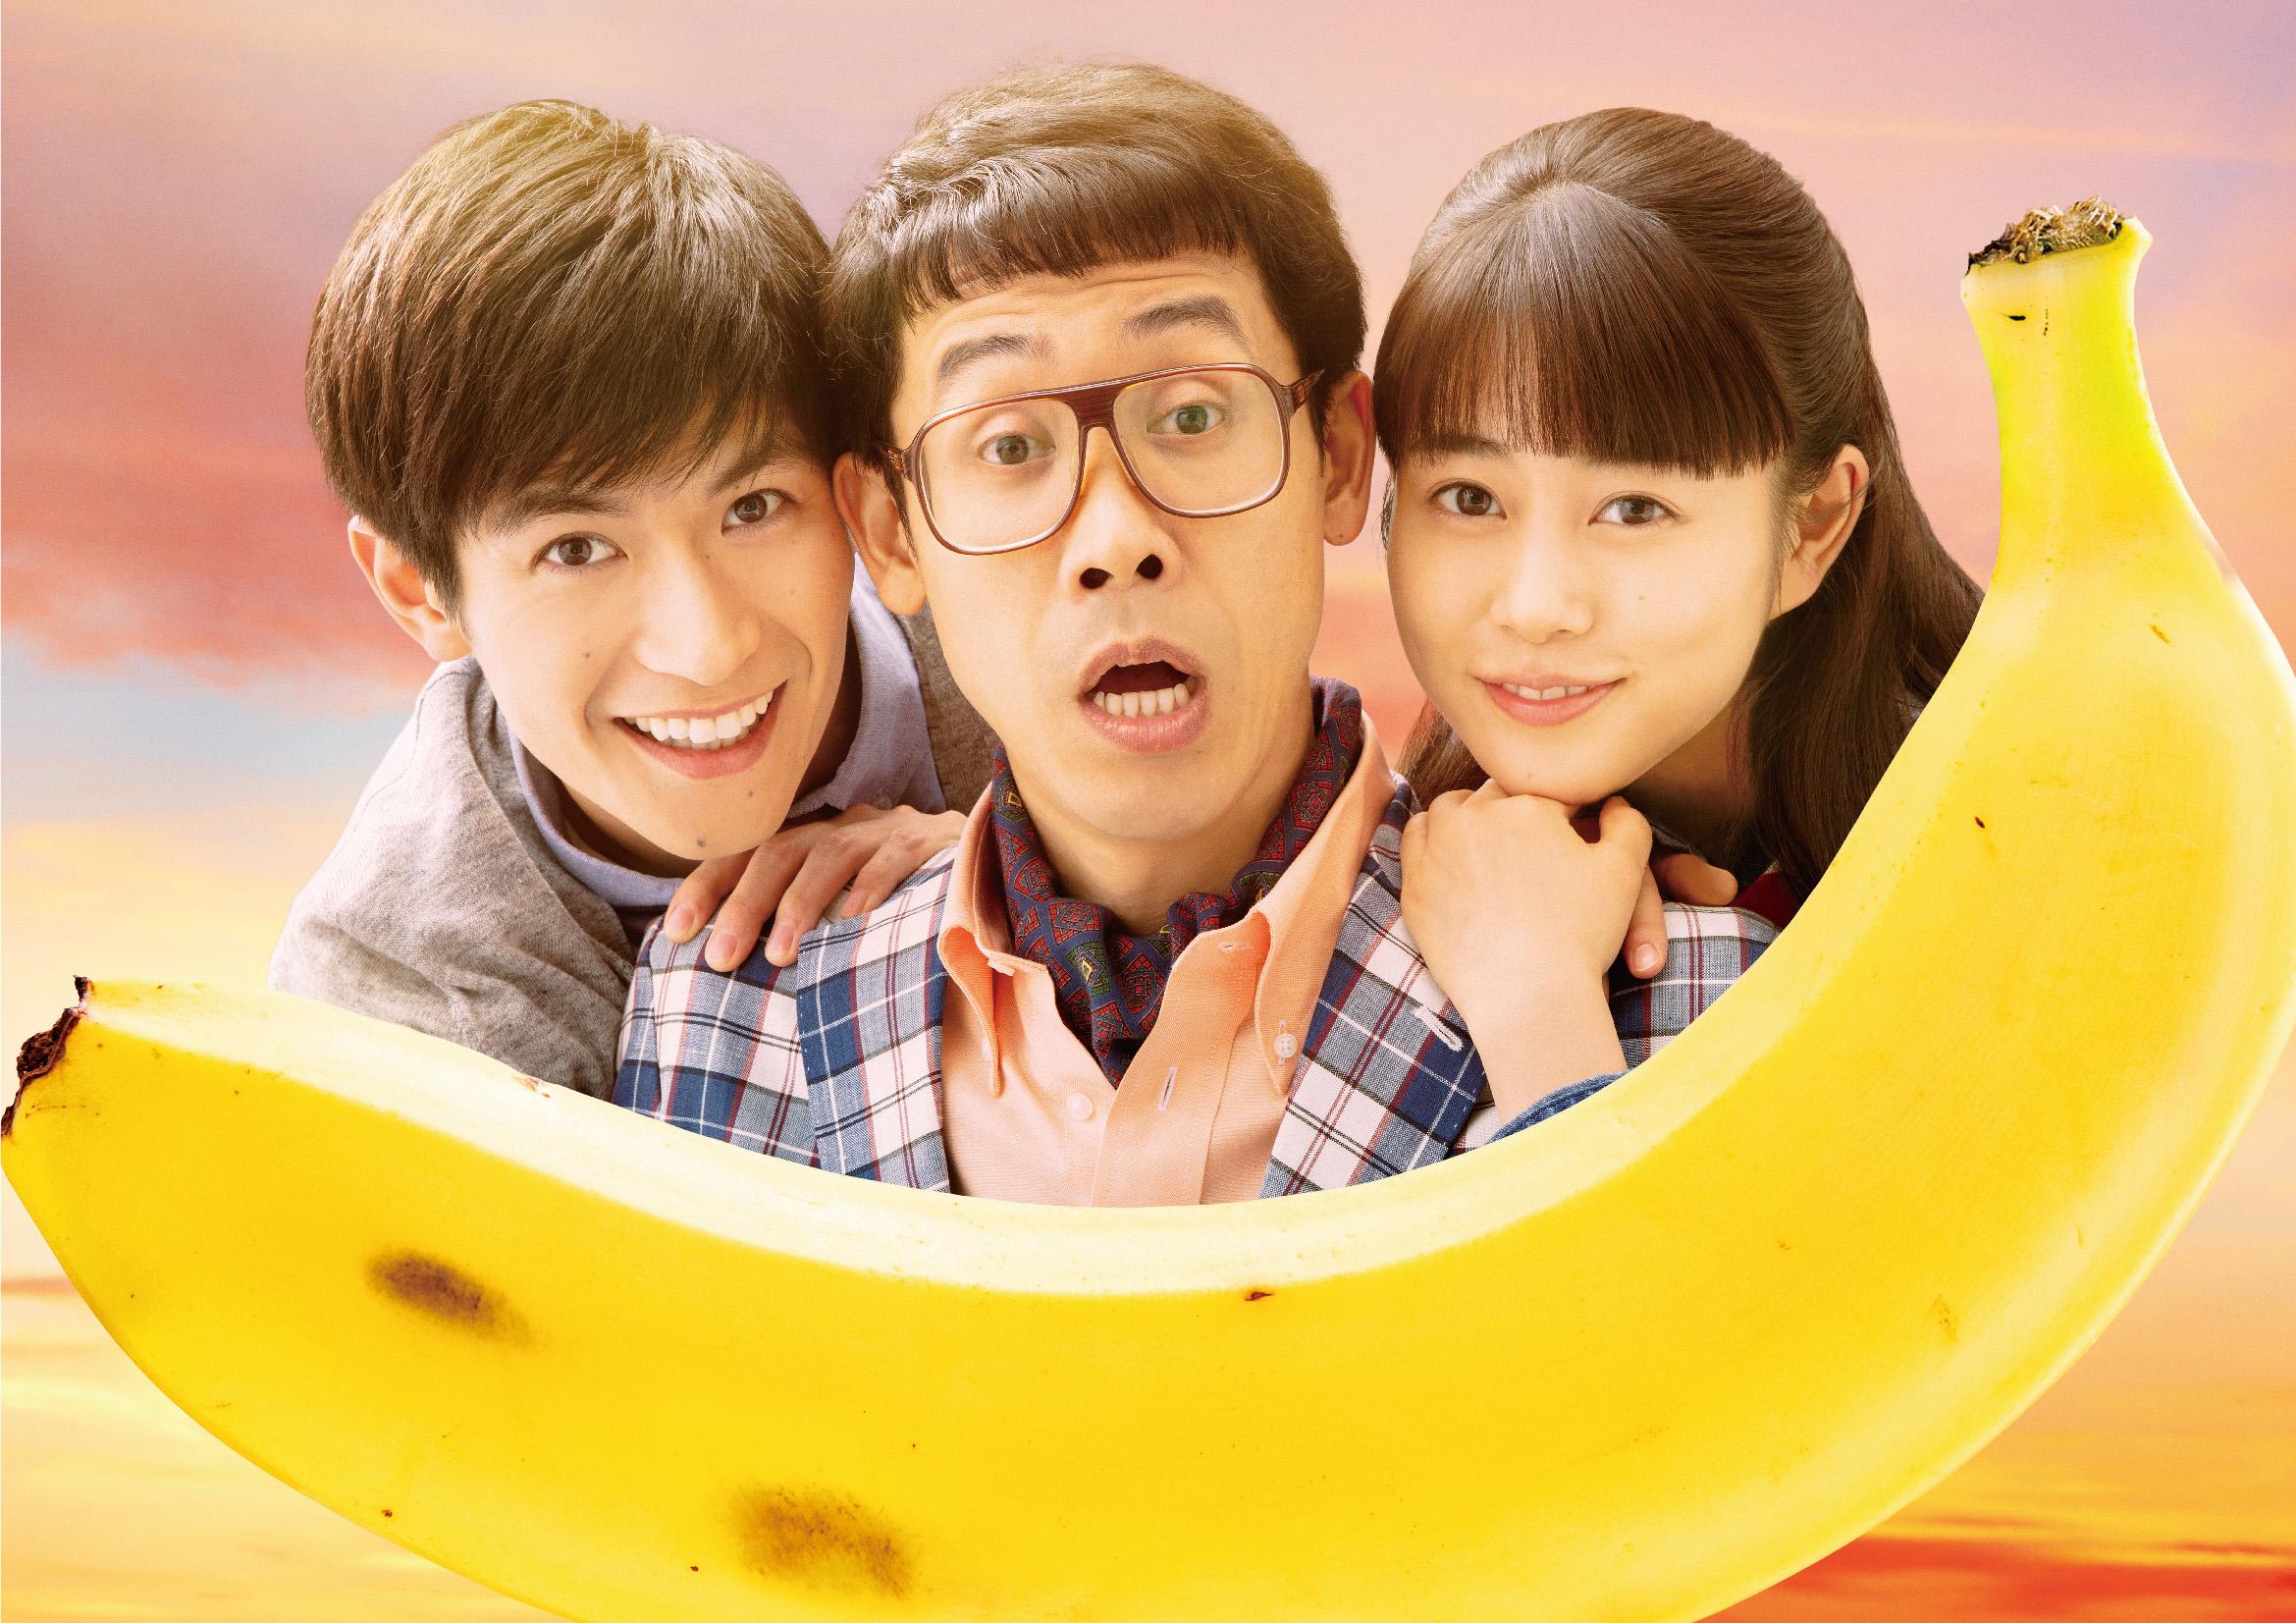 こんな夜更けにバナナかよ 愛しき実話